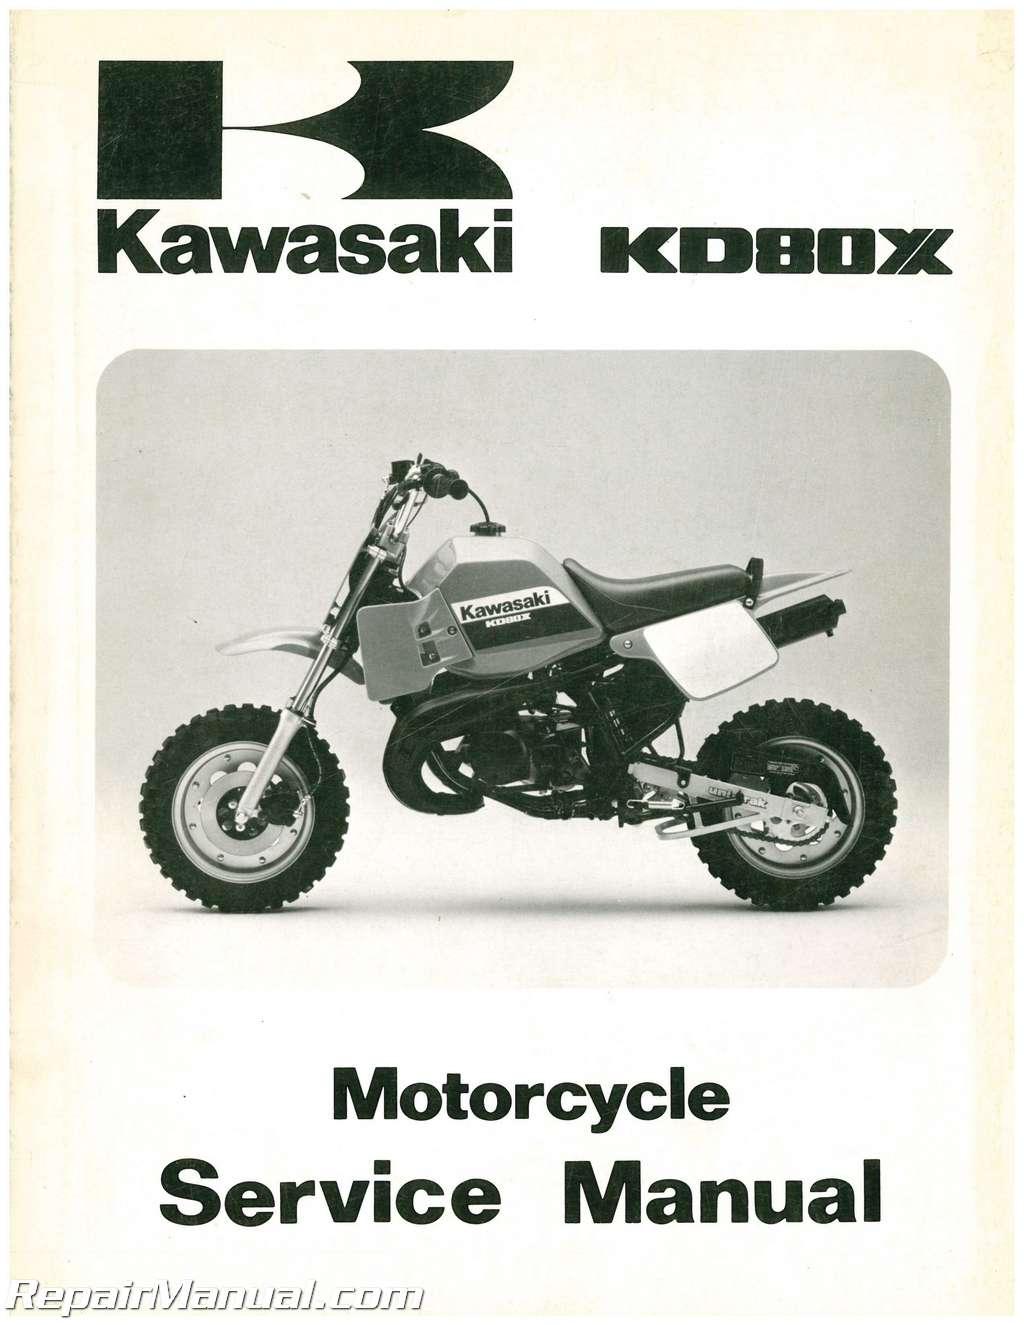 Kawasaki Zx9r Manual download free